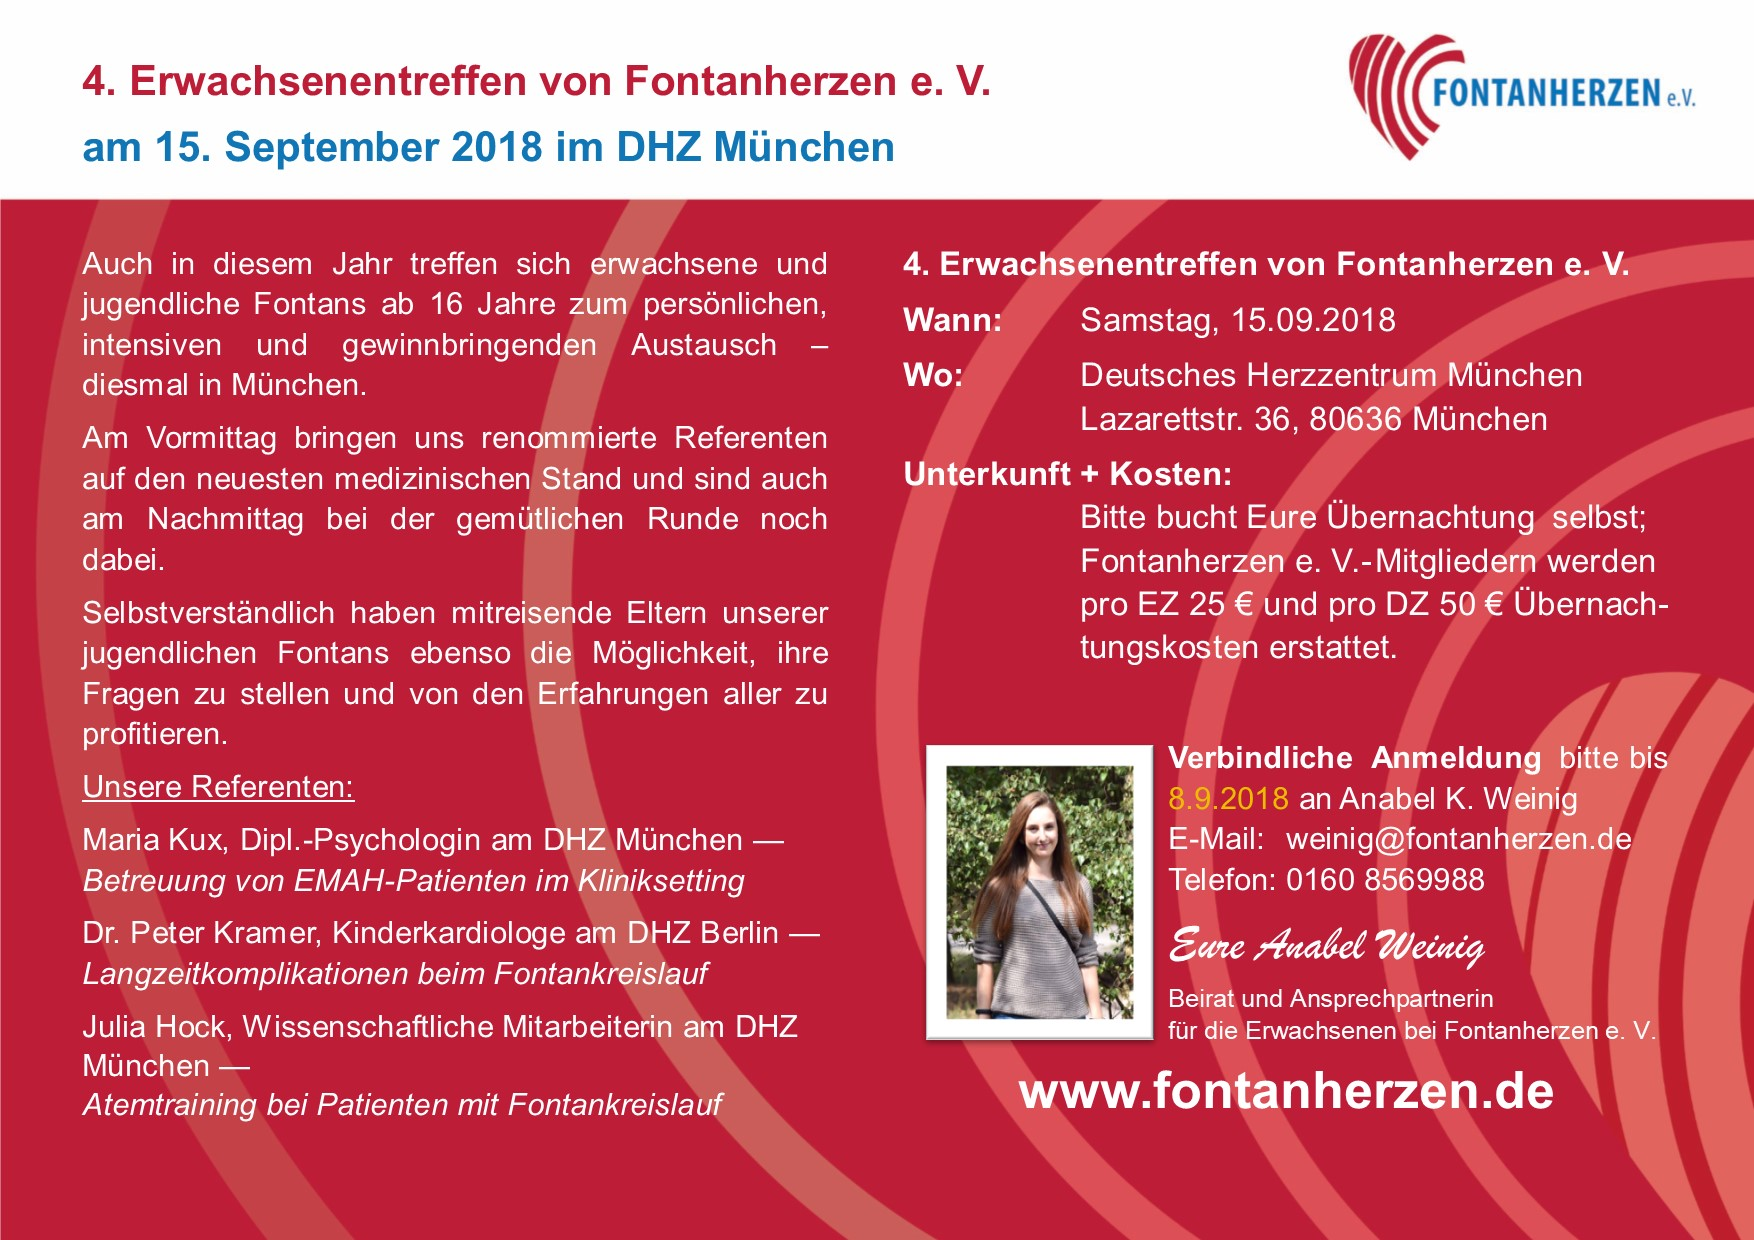 4. Erwachsenentreffen in München